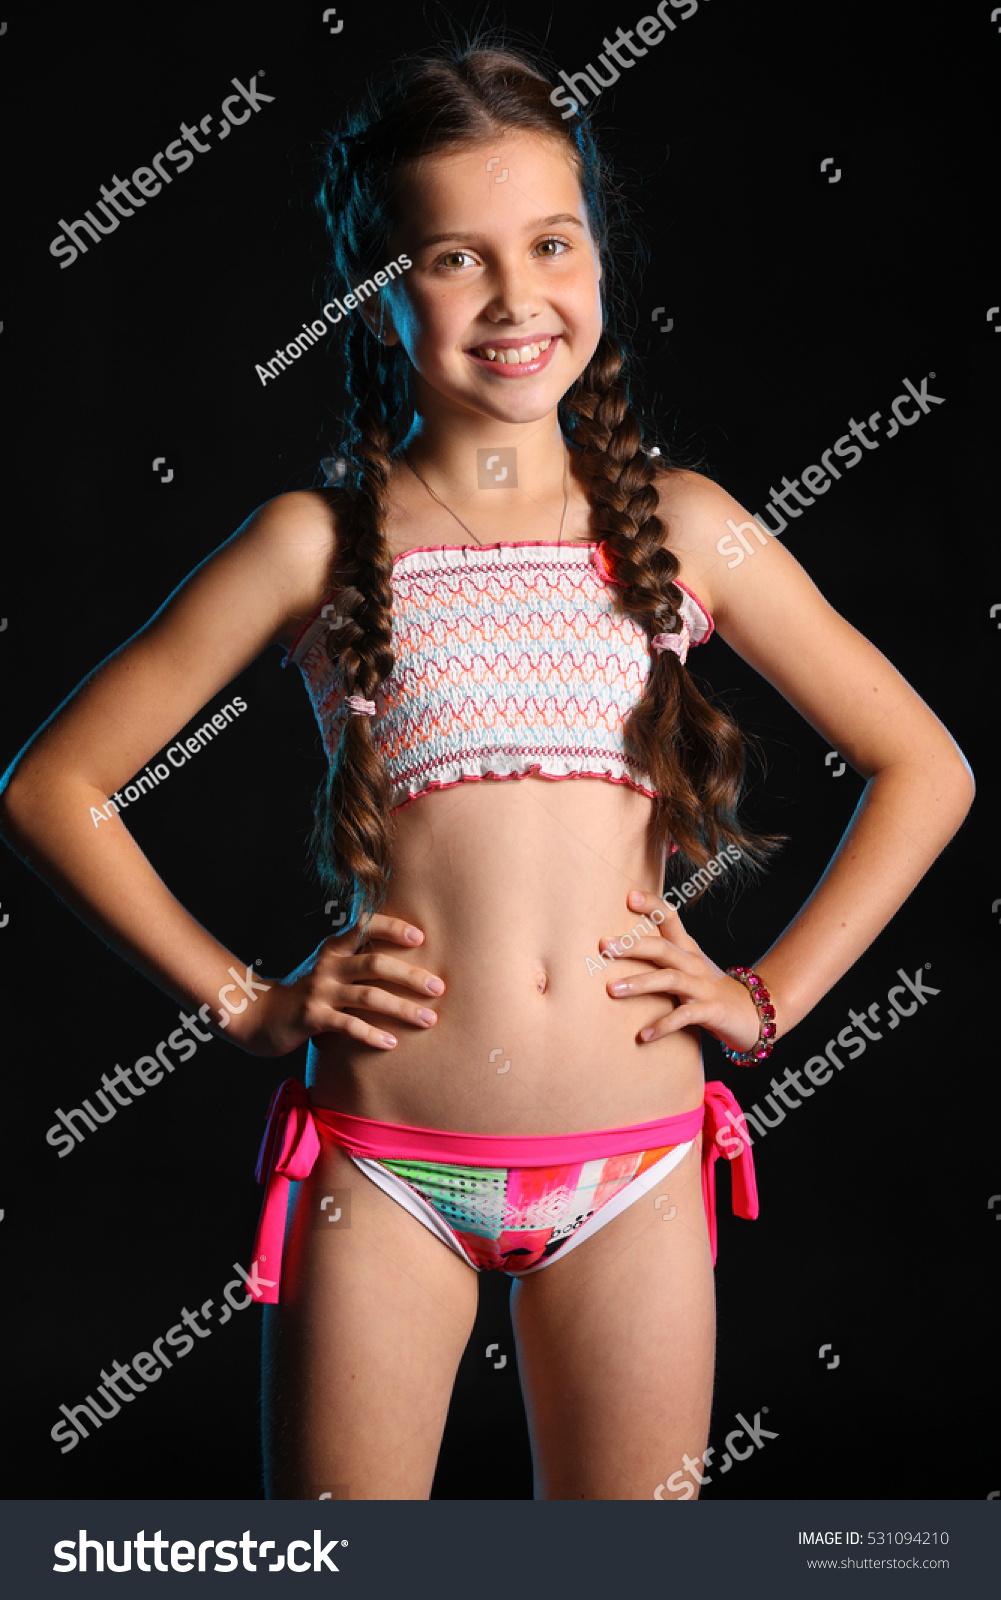 Portrait Teen Girl Bathing Suit On Stock Photo 531094210